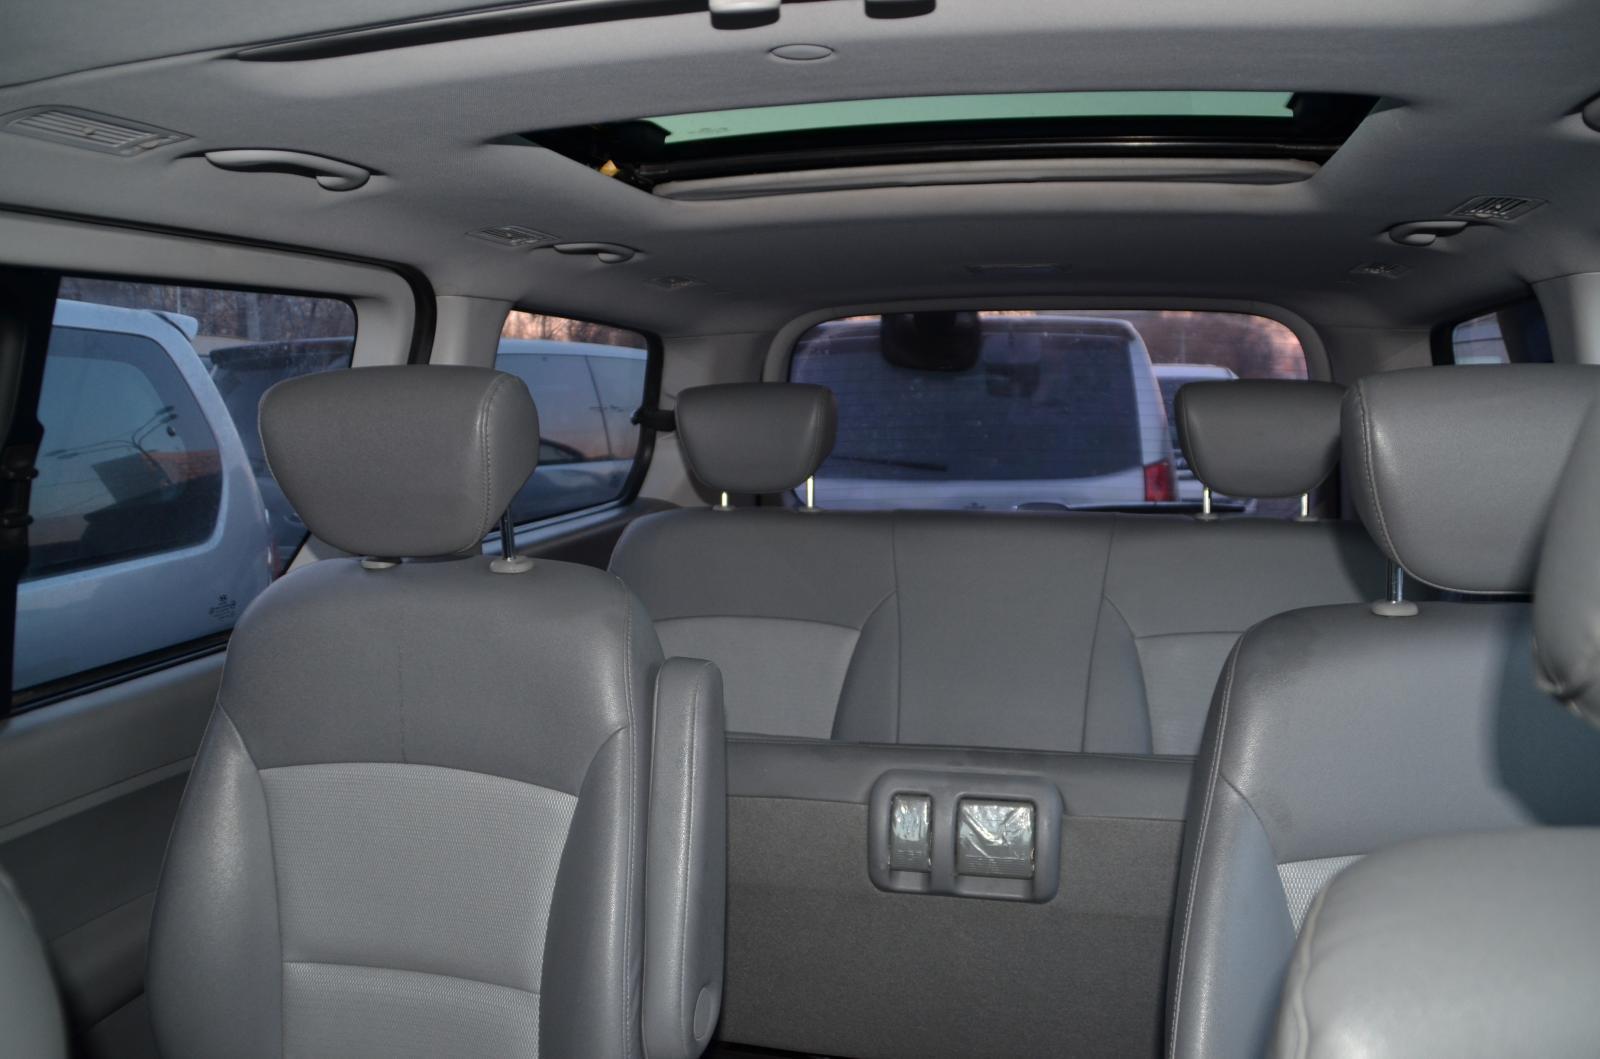 Hyundai Starex (H-1) 2009г.